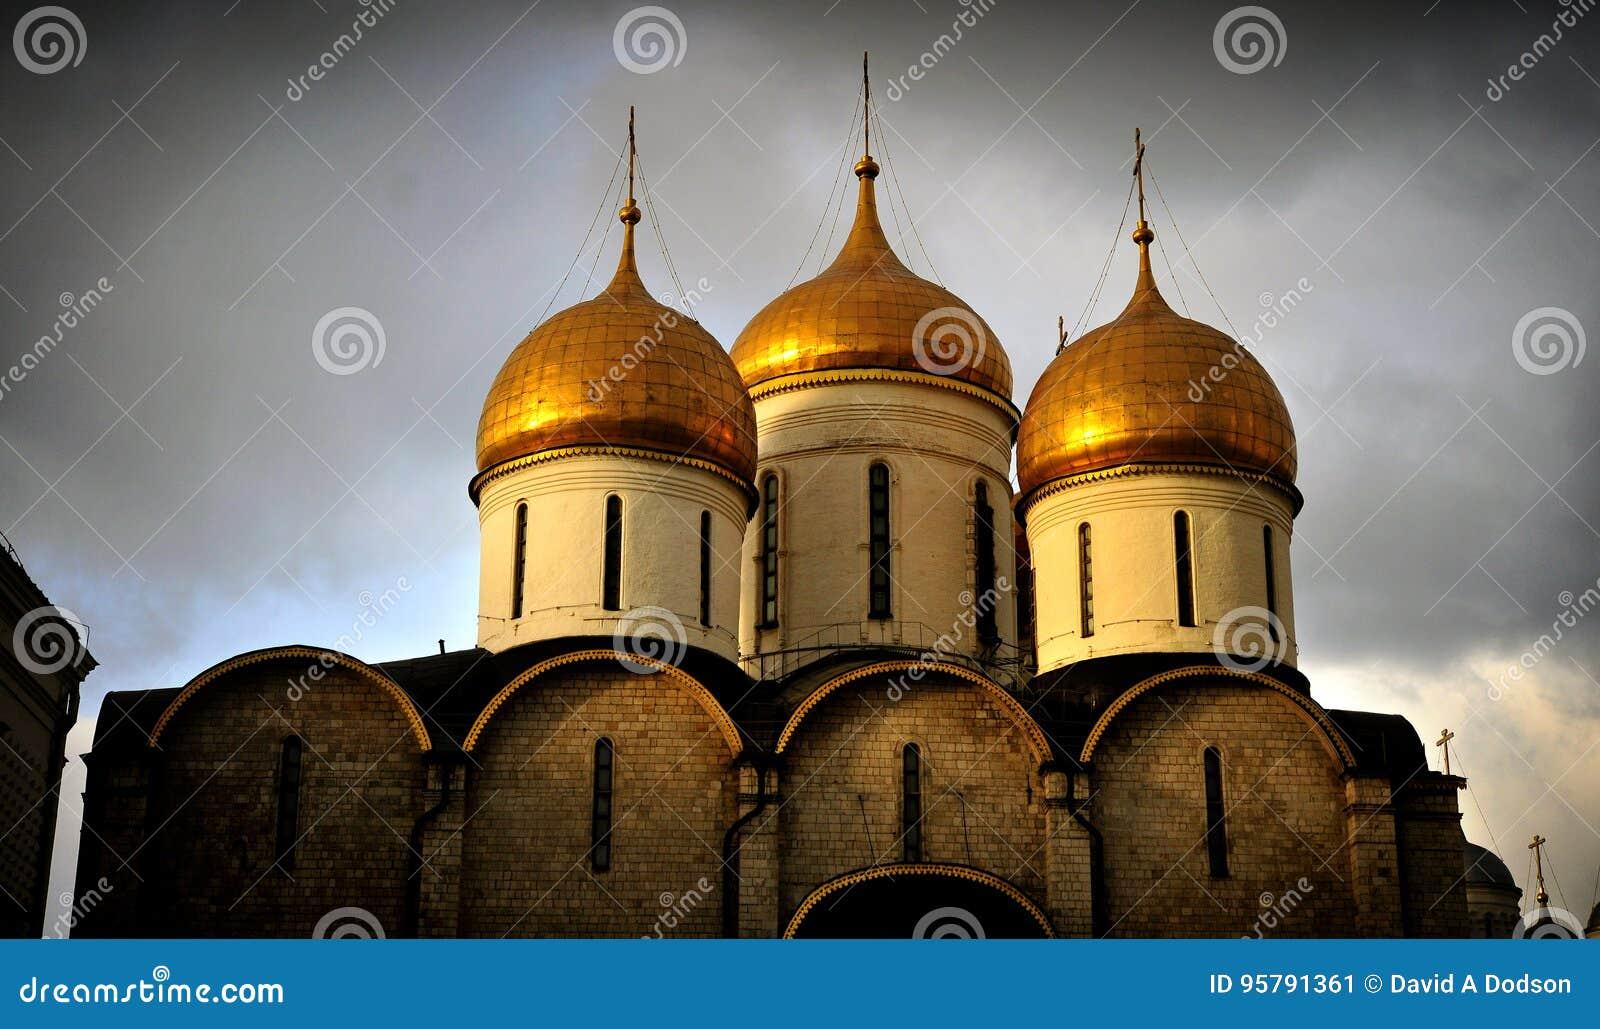 Der Kreml-Kathedralen-Hauben, Moskau, Sonnenuntergang-Strahlen